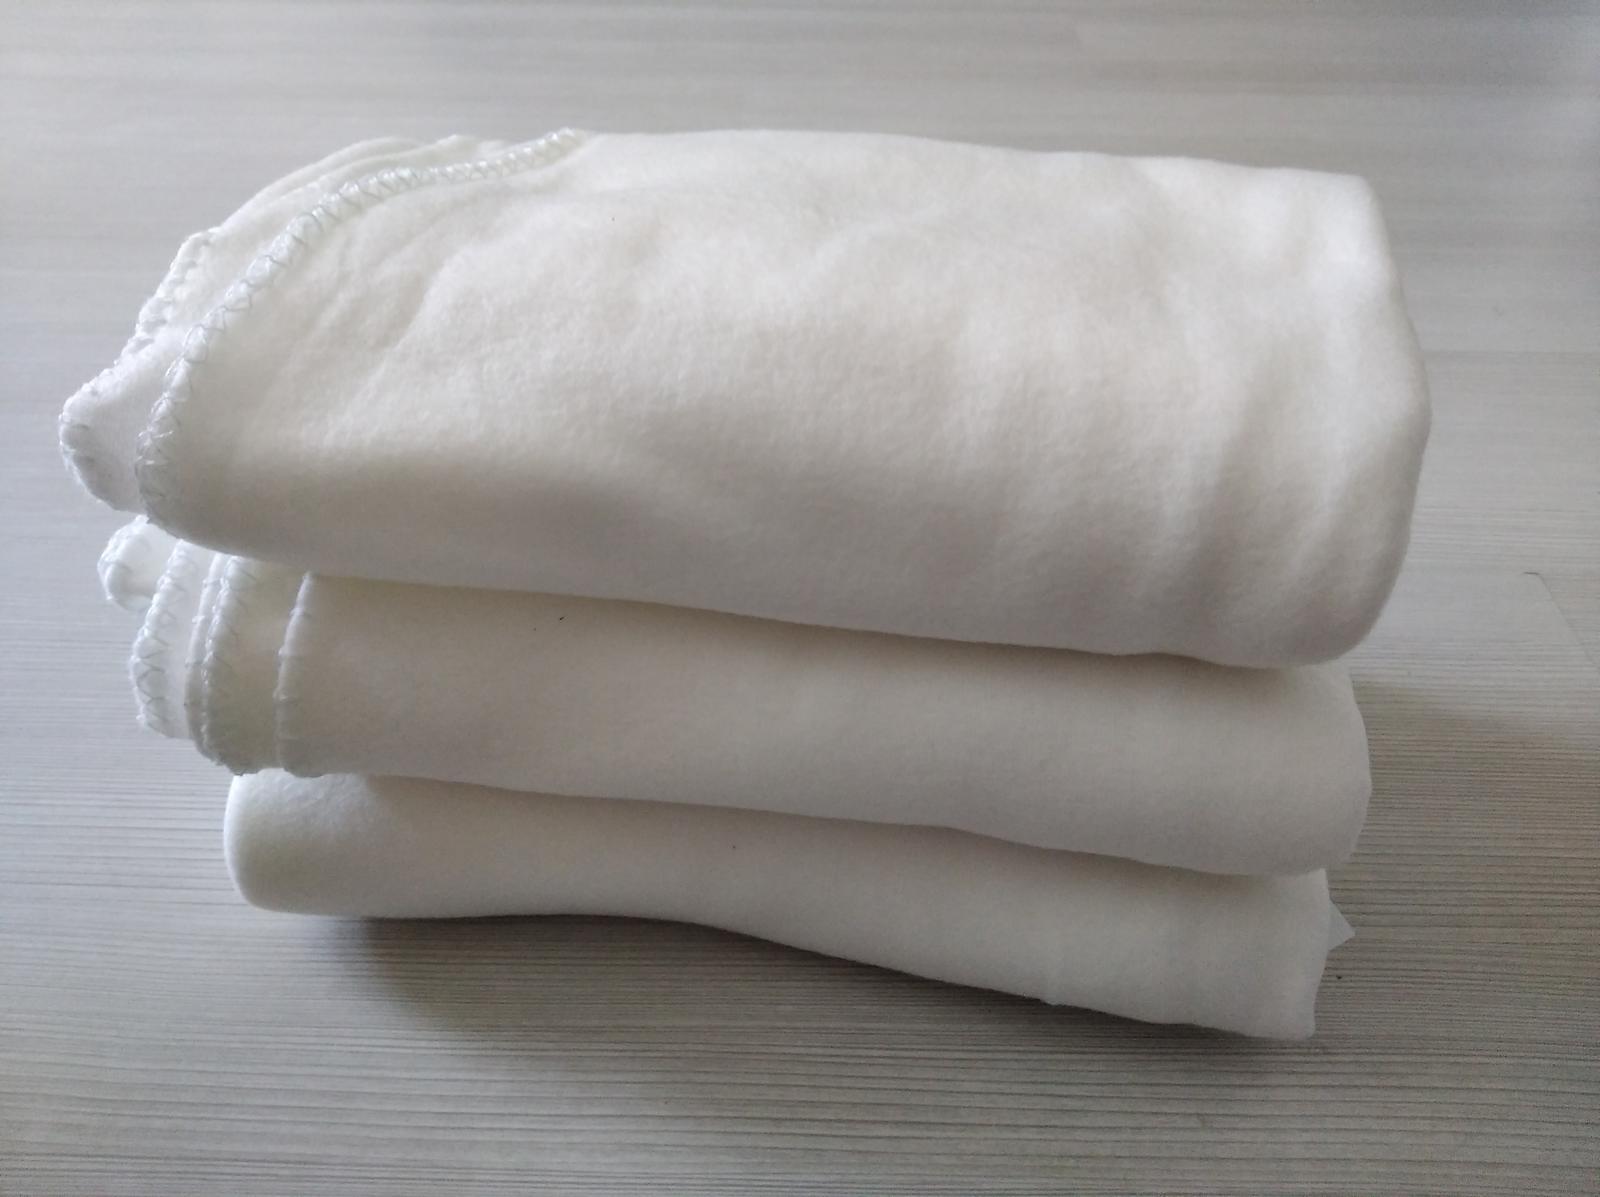 fleecové deky na svatbu - bílé, 3 kusy - Obrázek č. 1